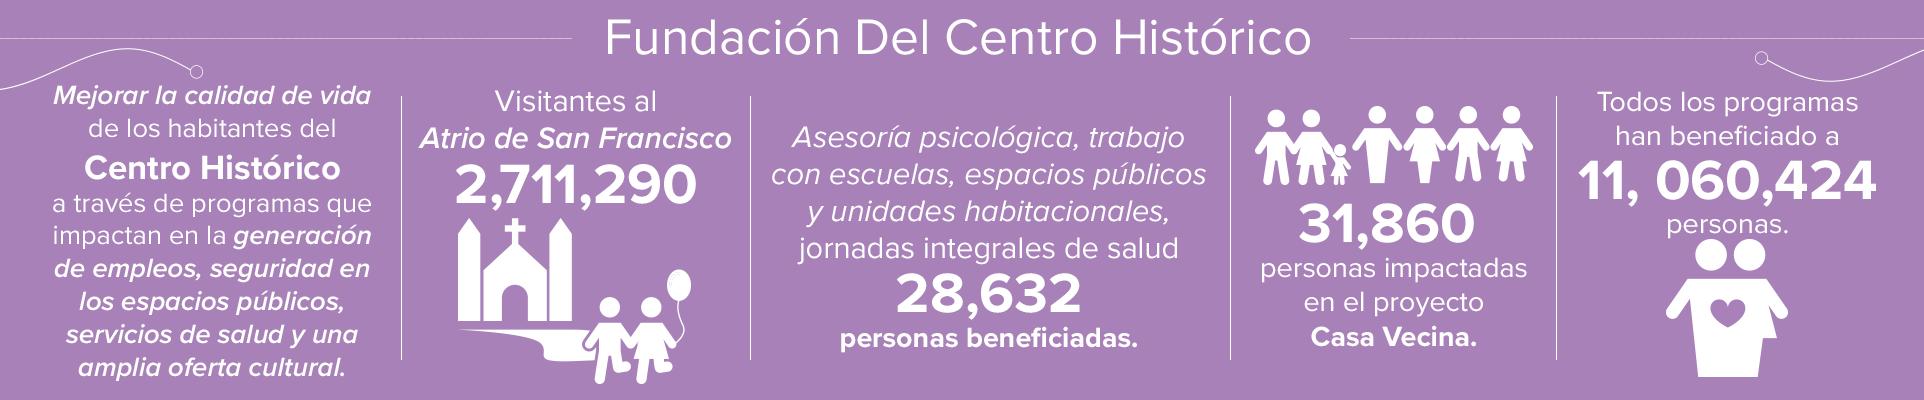 Fundación del Centro Histórico